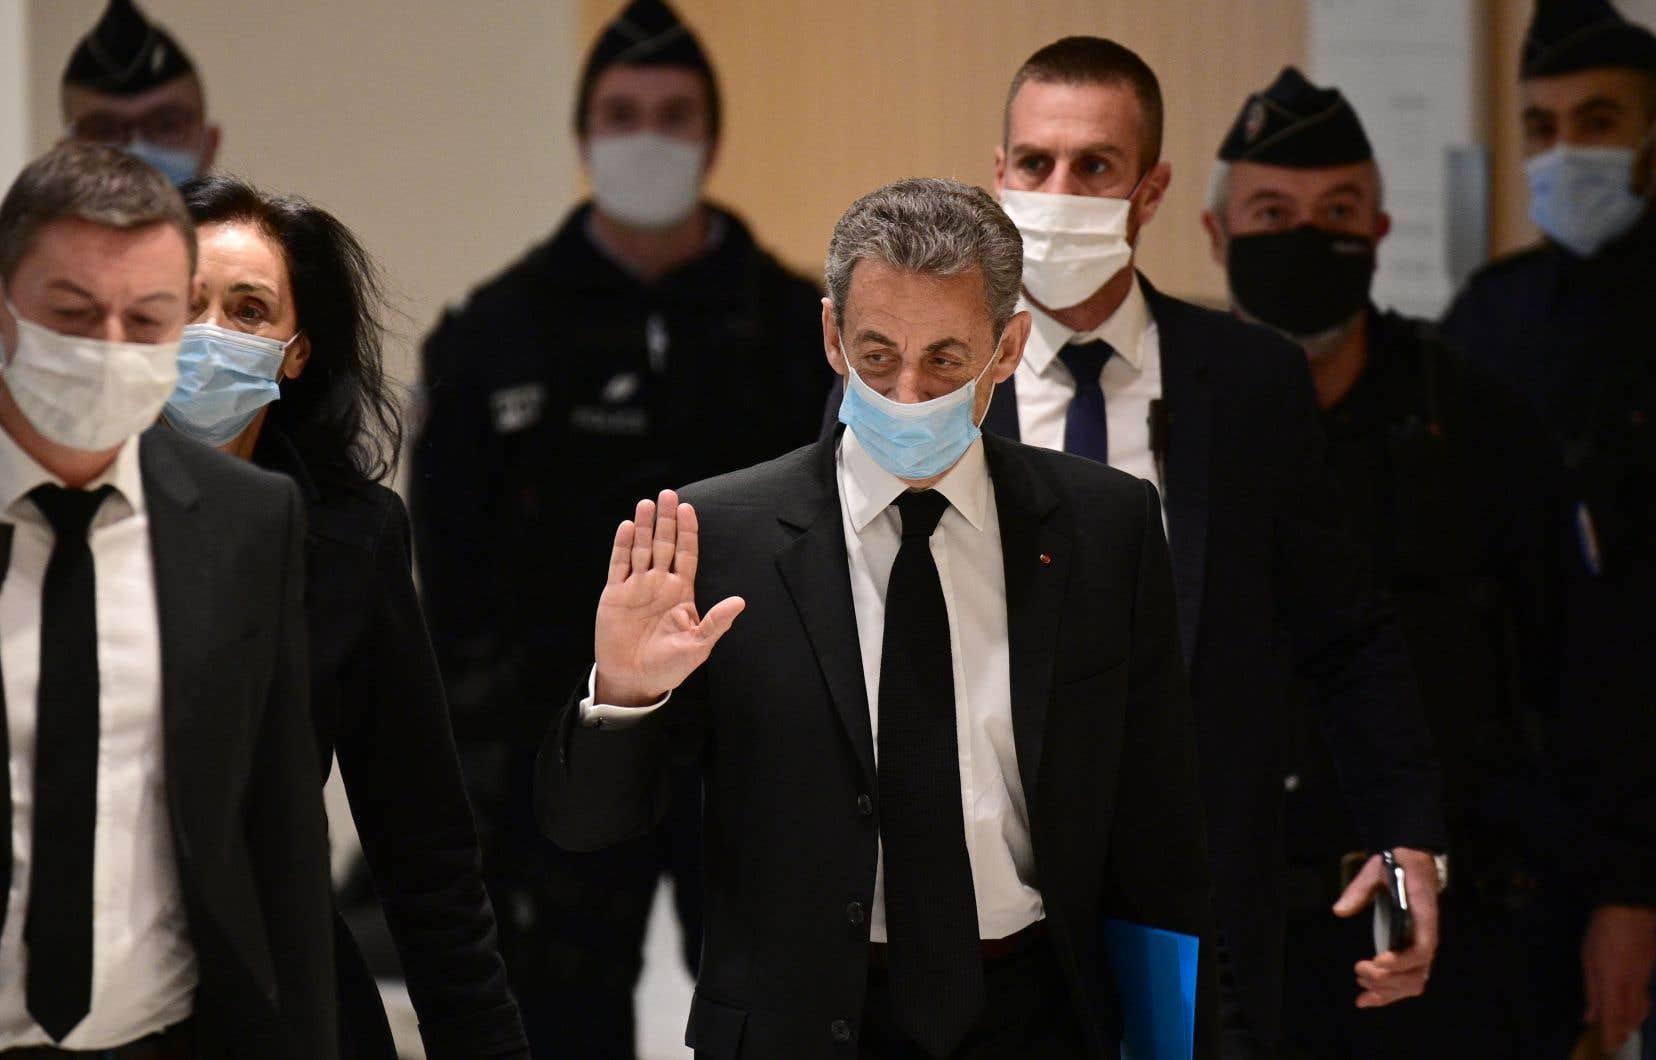 L'ex-président français Nicolas Sarkozy à son arrivée au procès dit des écoutes, lundi au palais de justice de Paris